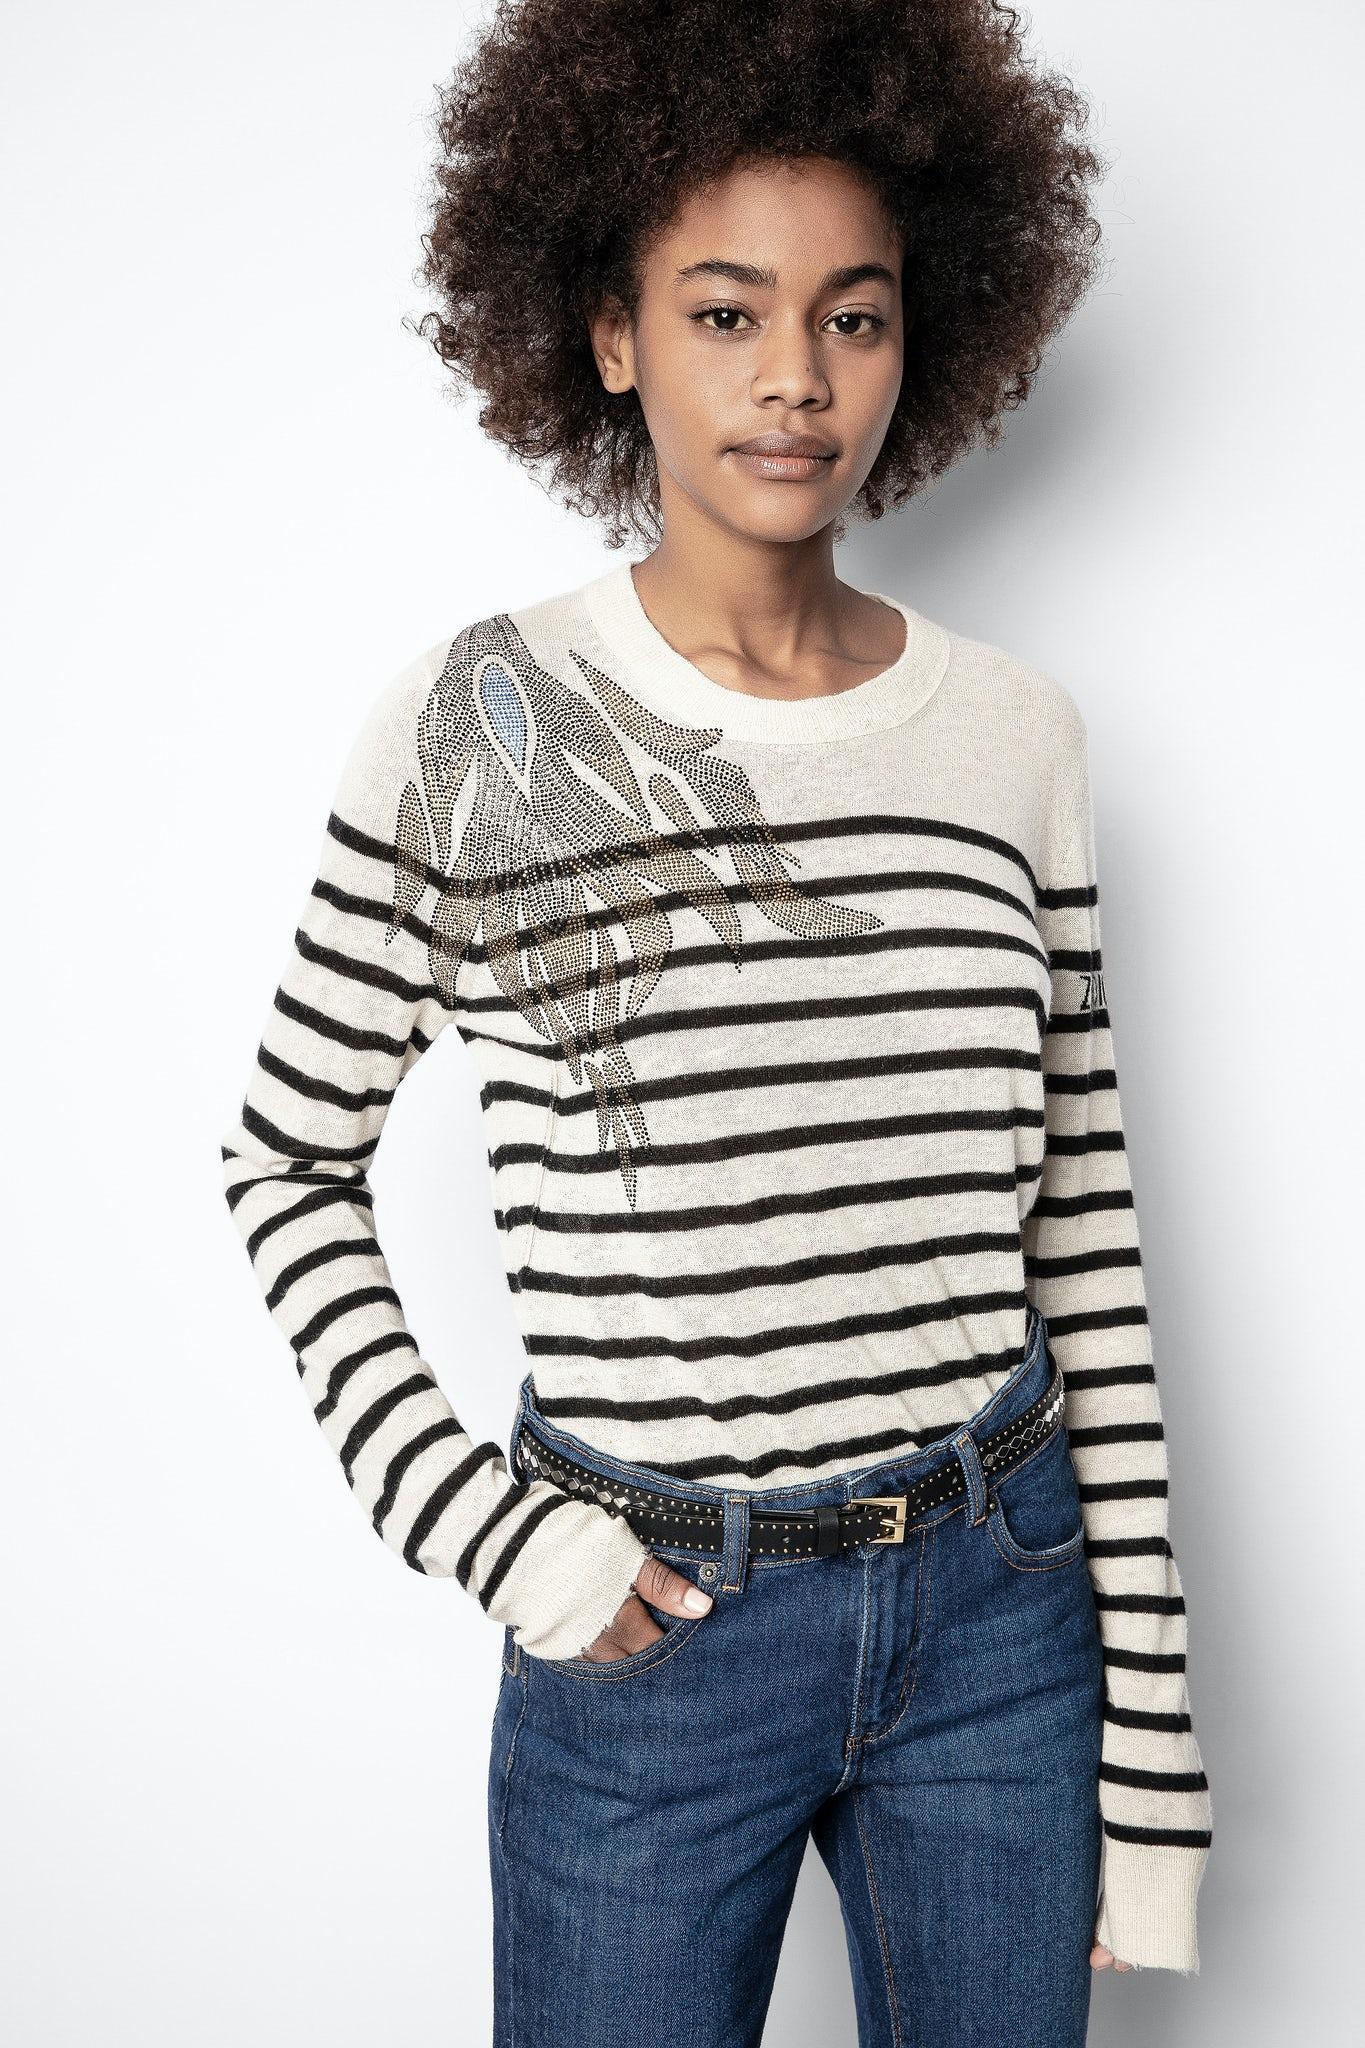 Girl in striped jumper